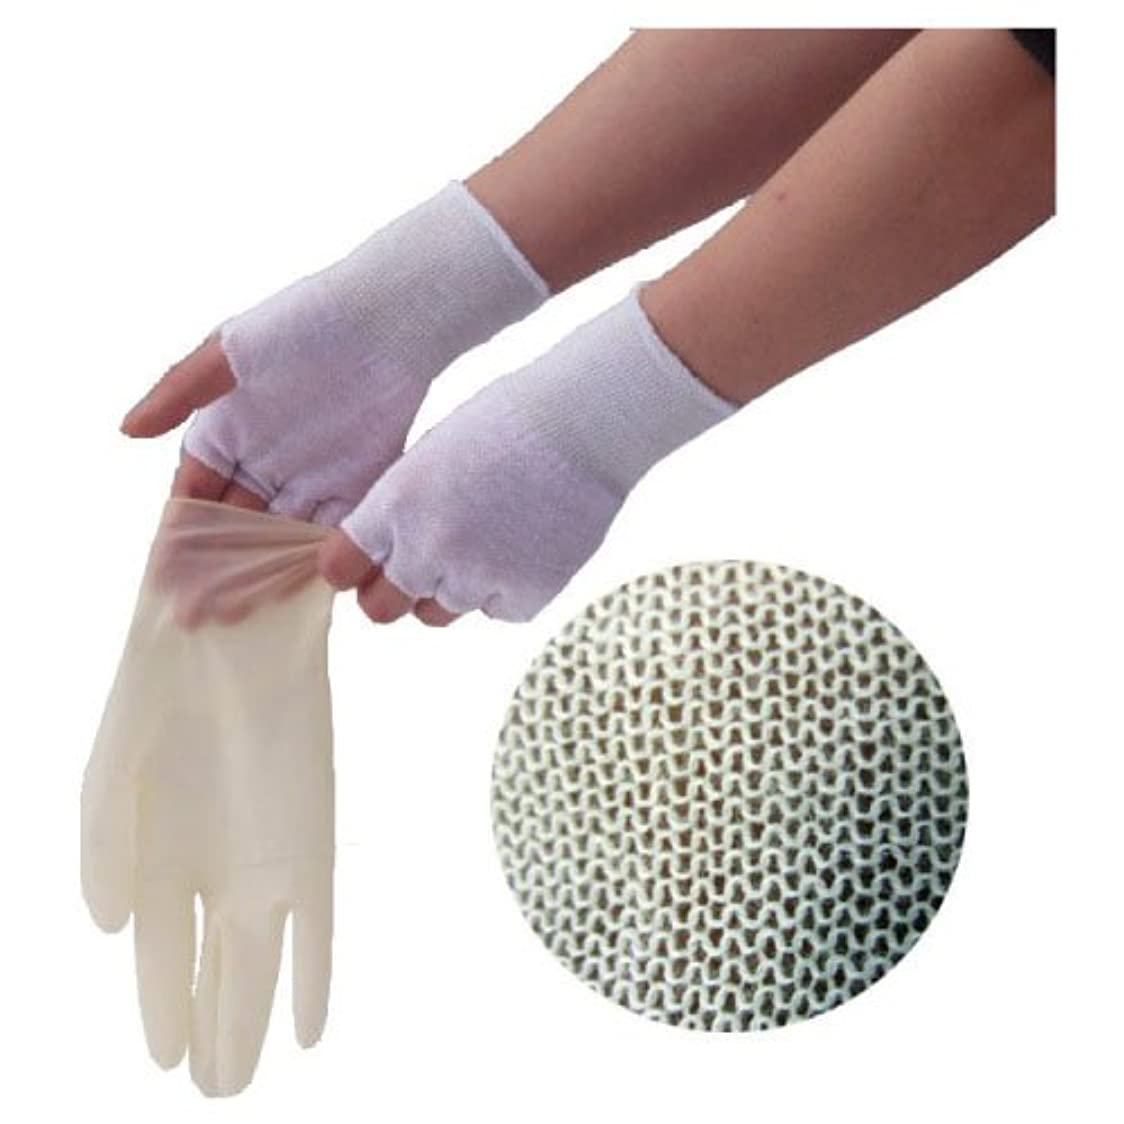 発掘する同性愛者キャラバンやさしインナー手袋(指なし) GI01 フリー 材質:コットン